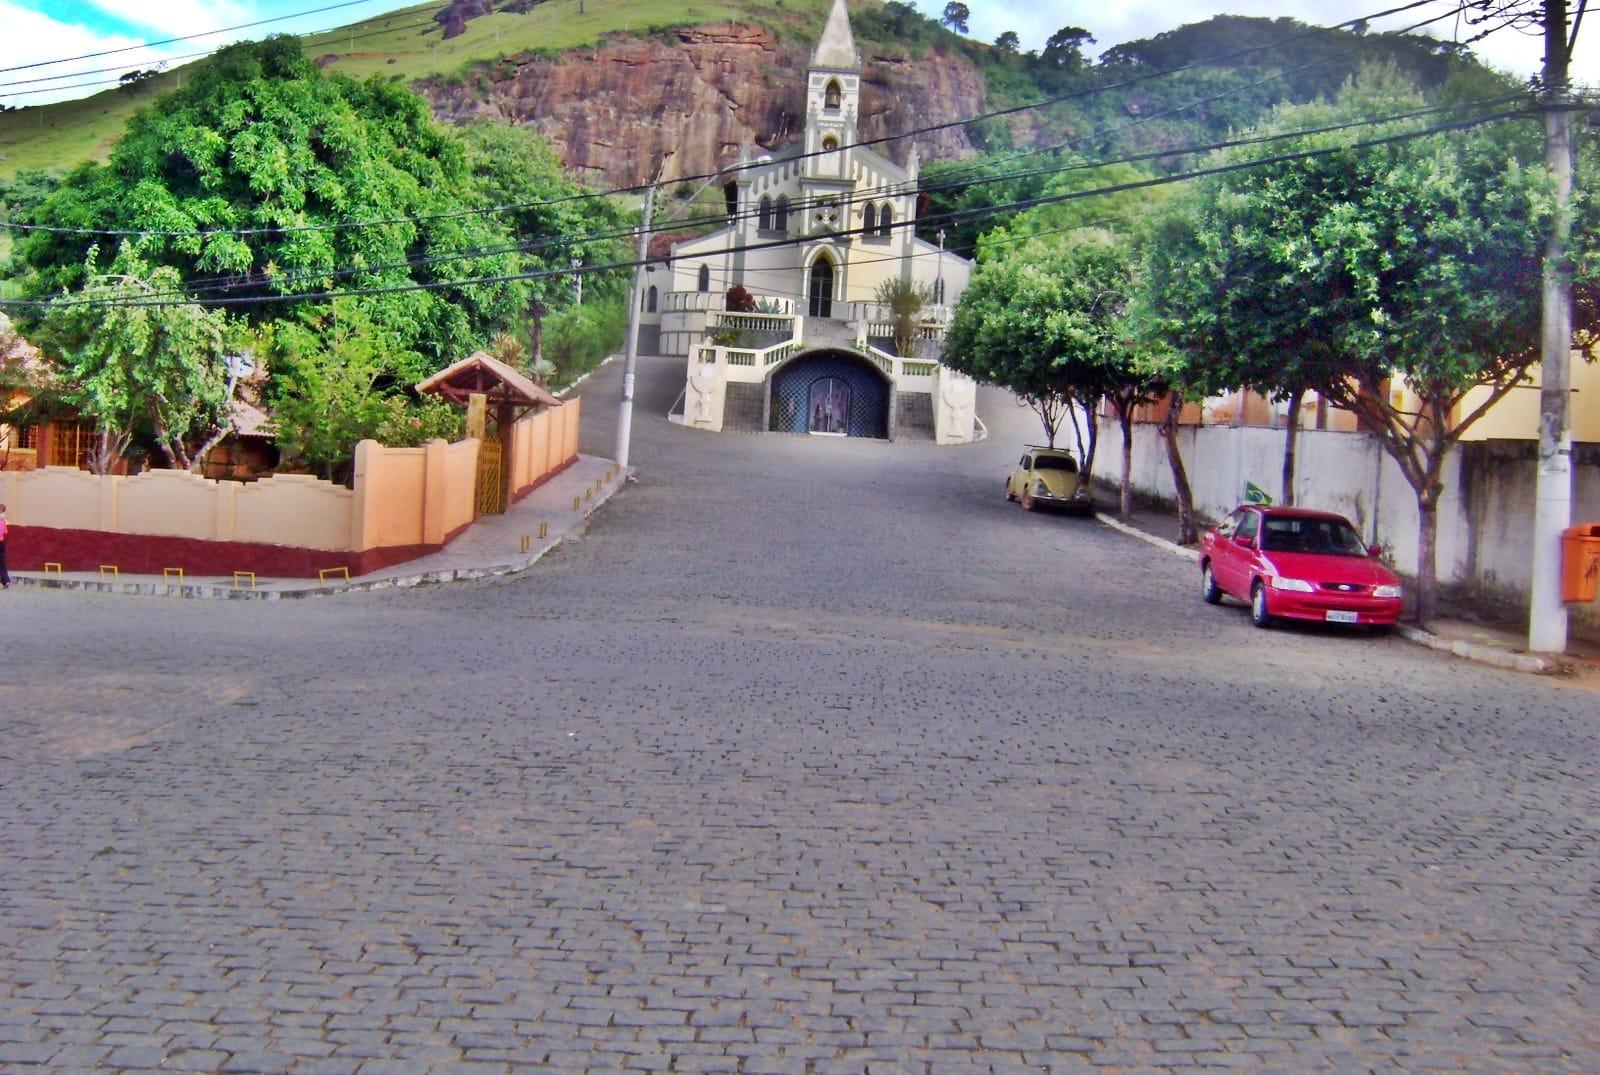 Mimoso tem grande potencial de crescimento, privilegiada pela sua posição geográfica fica a 44 km de Cachoeiro de Itapemirim, 87 km de Campos dos Goytacazes - RJ e 173 km de Vitória, com grande facilidade de entrada e escoamento de produtos, é a principal produtora de café do Sul do Espírito Santo